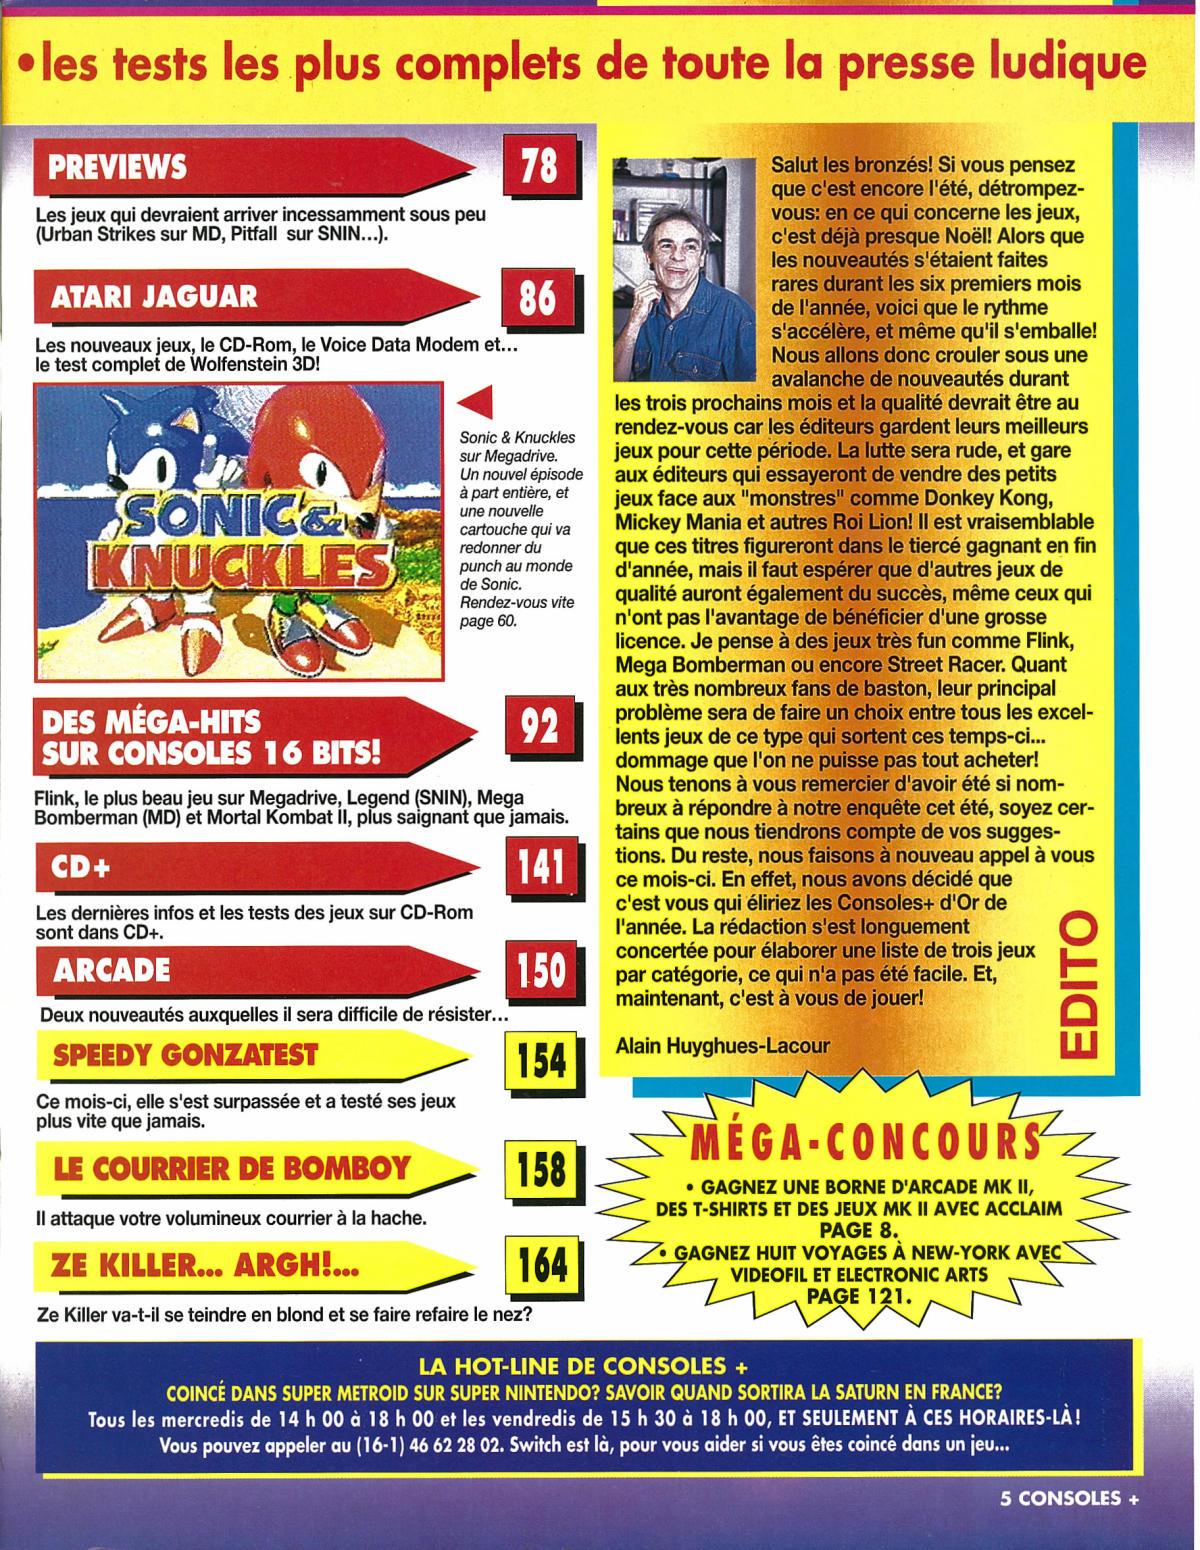 Un éditorial de Alain Huyghues-Lacour dans «Consoles+», en 1994.